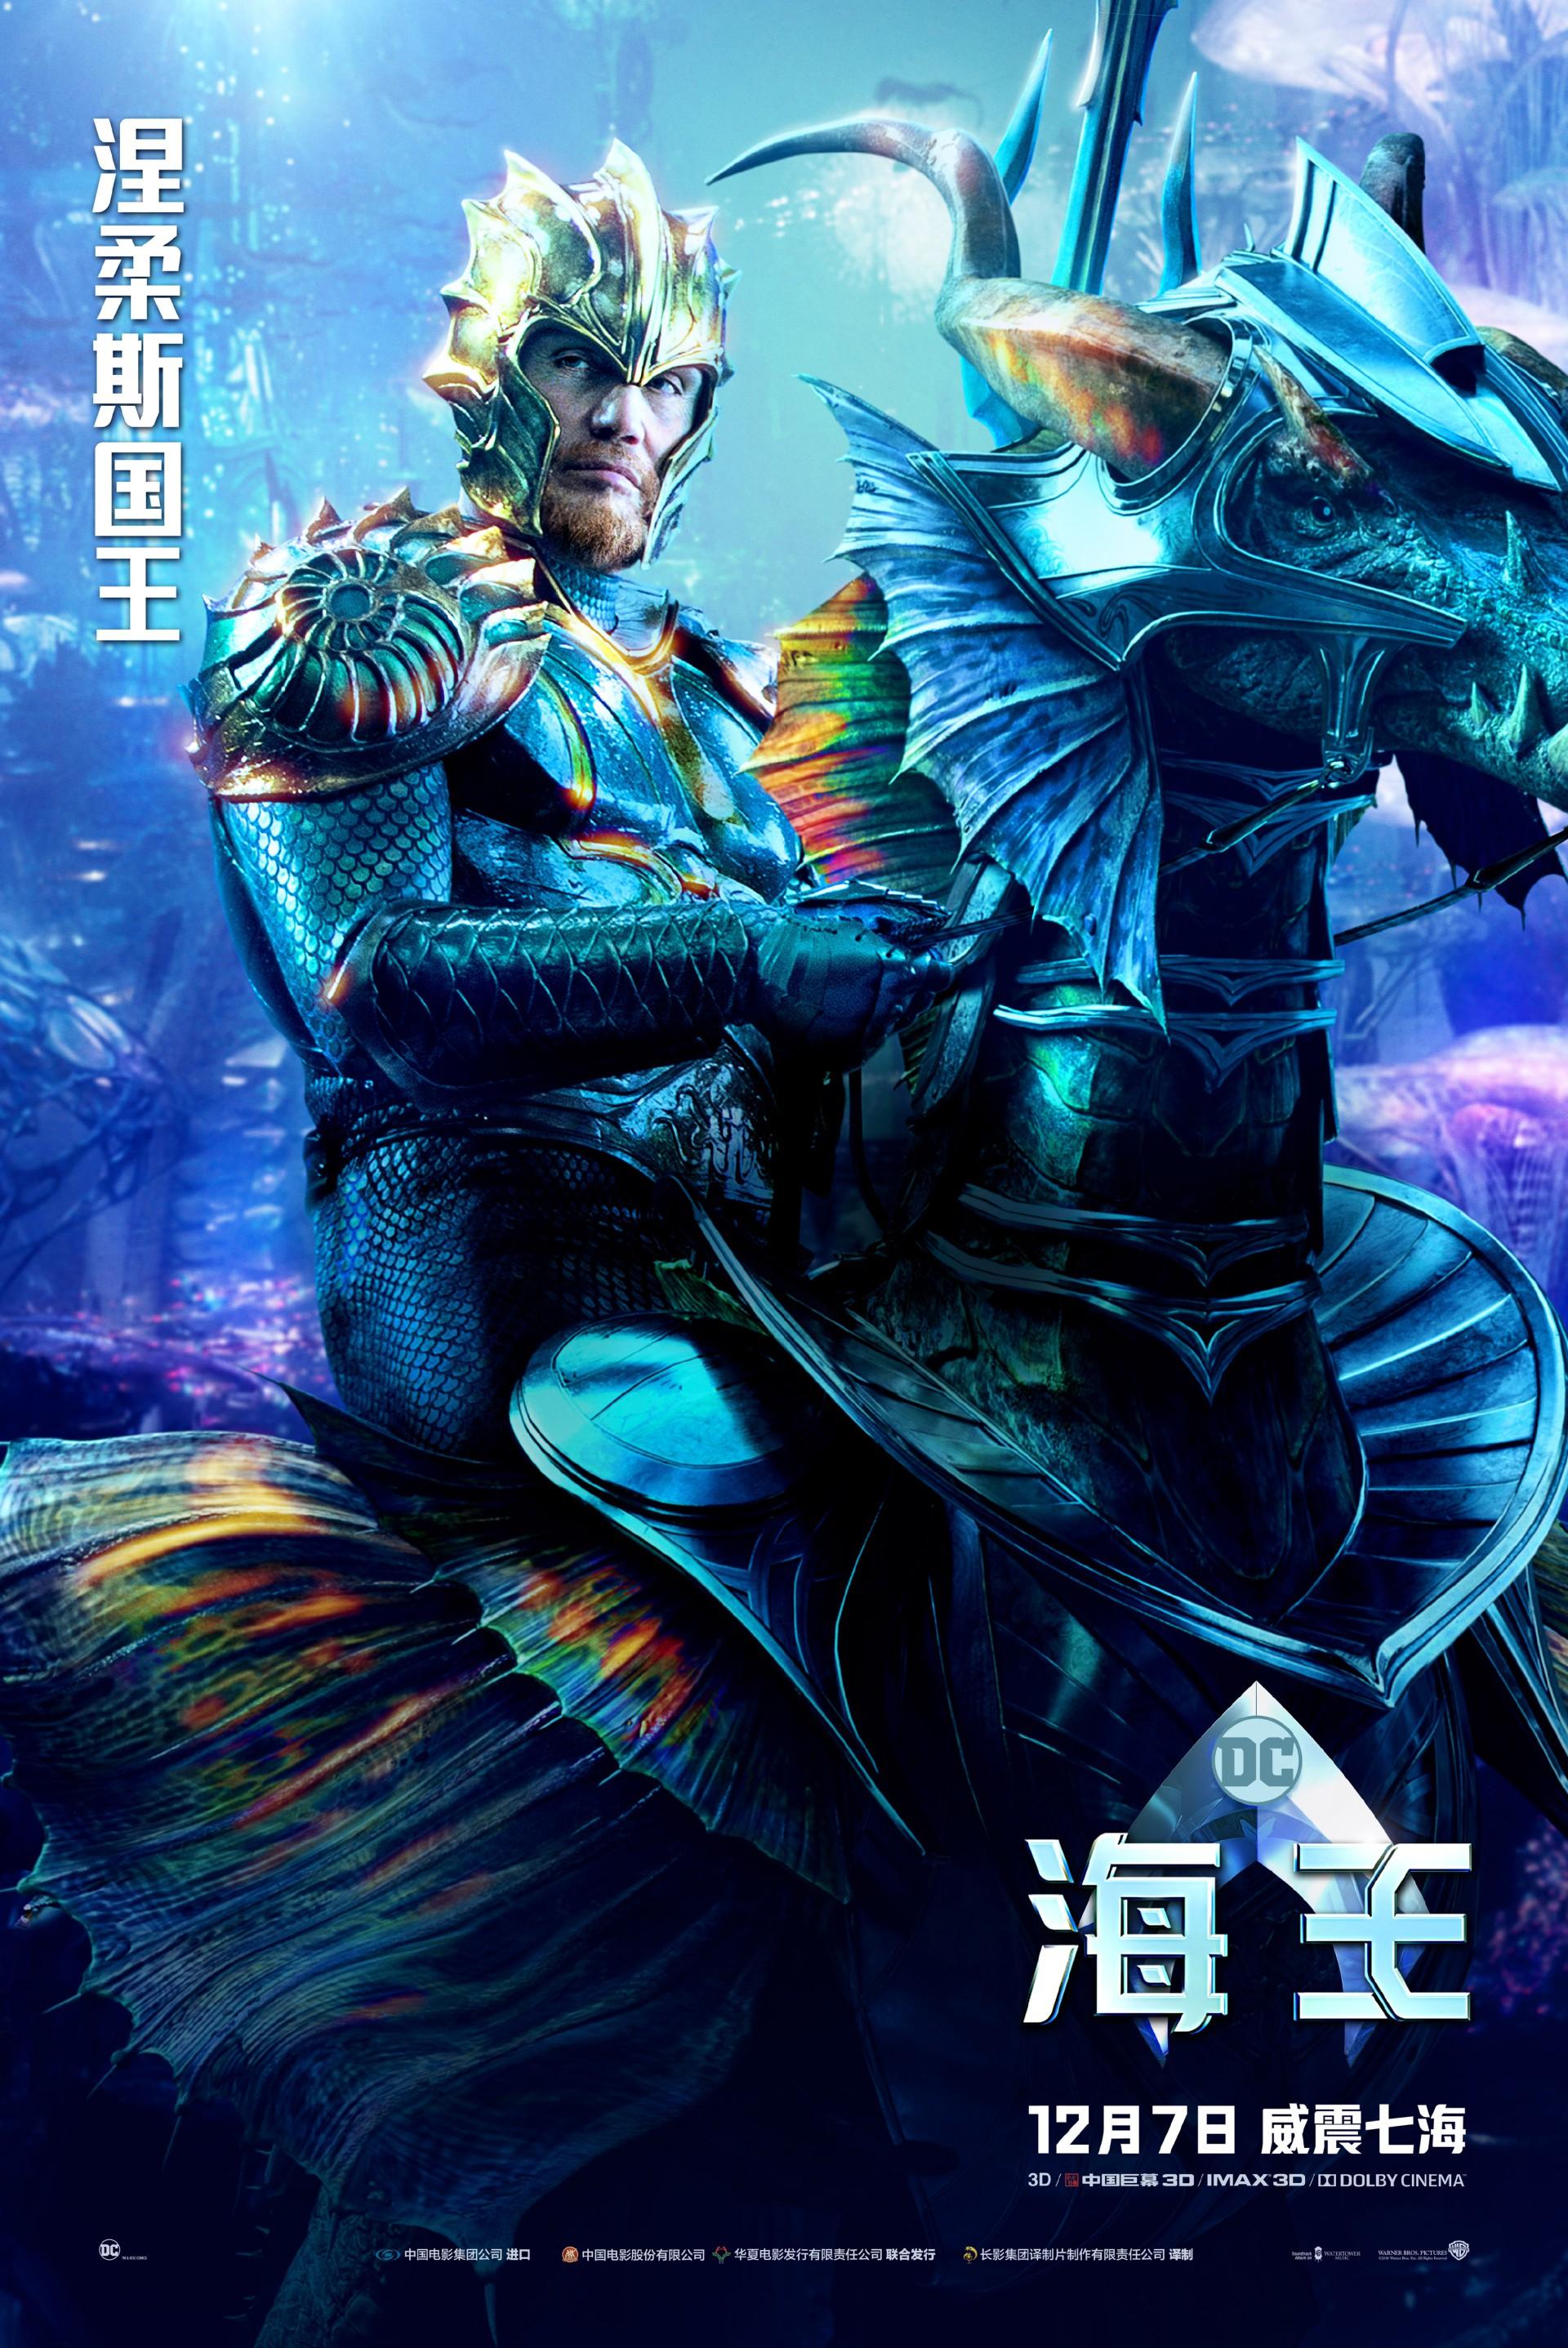 温子仁将领衔亮相海王中国首映 七大人物海报曝光